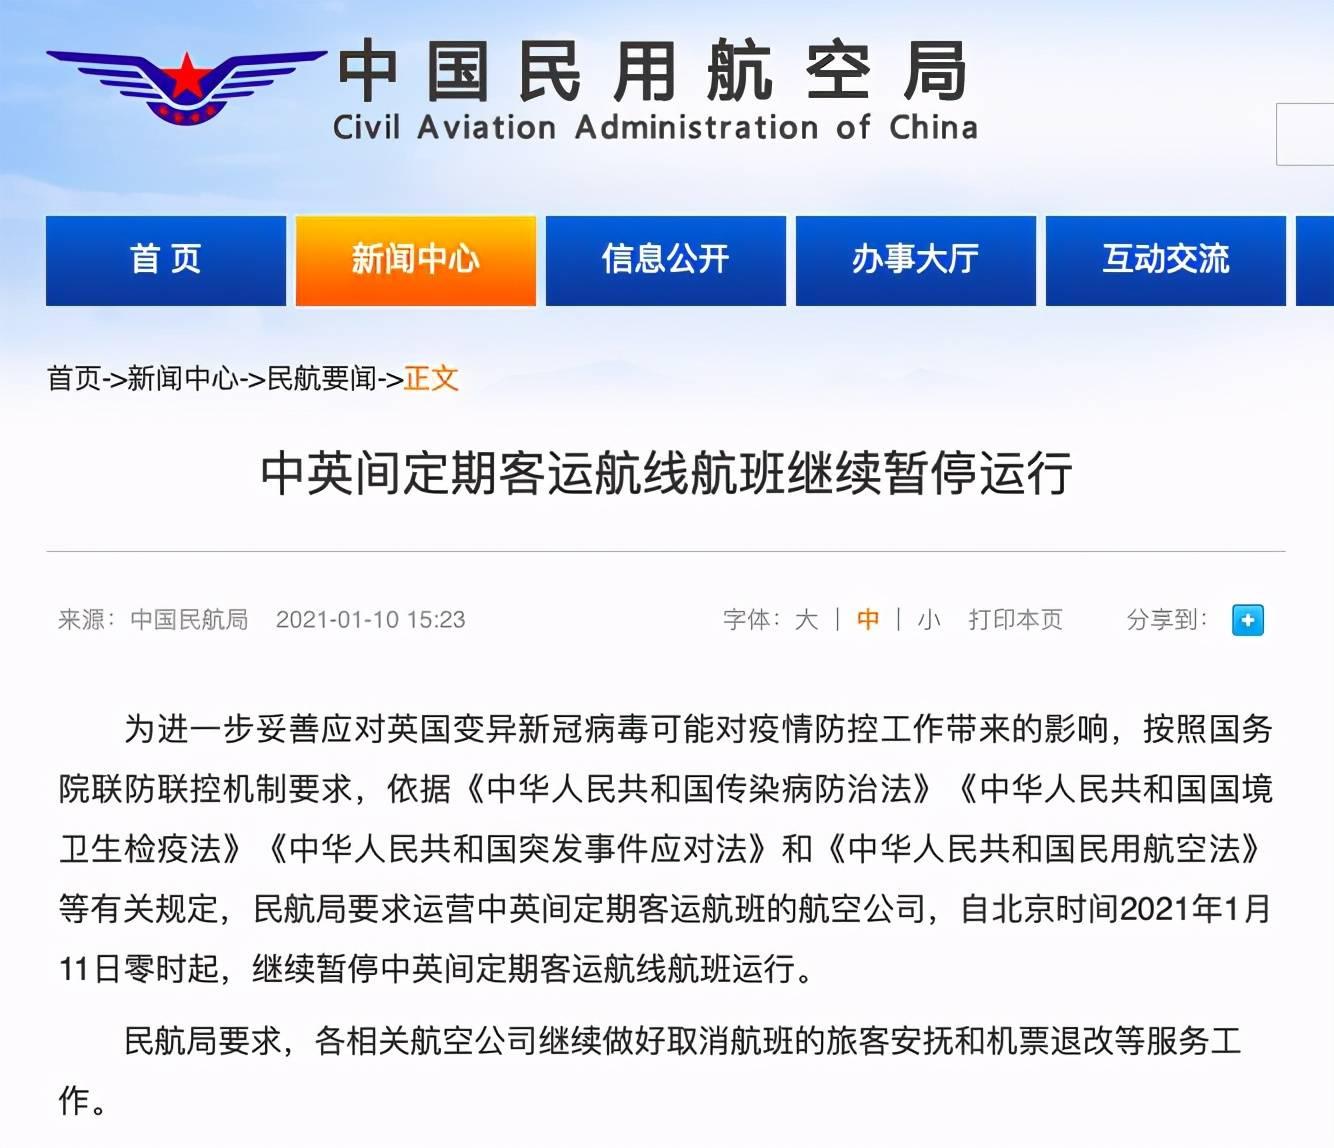 中国民航总局官宣中英航班继续停航!英国留学全年网课或实锤?